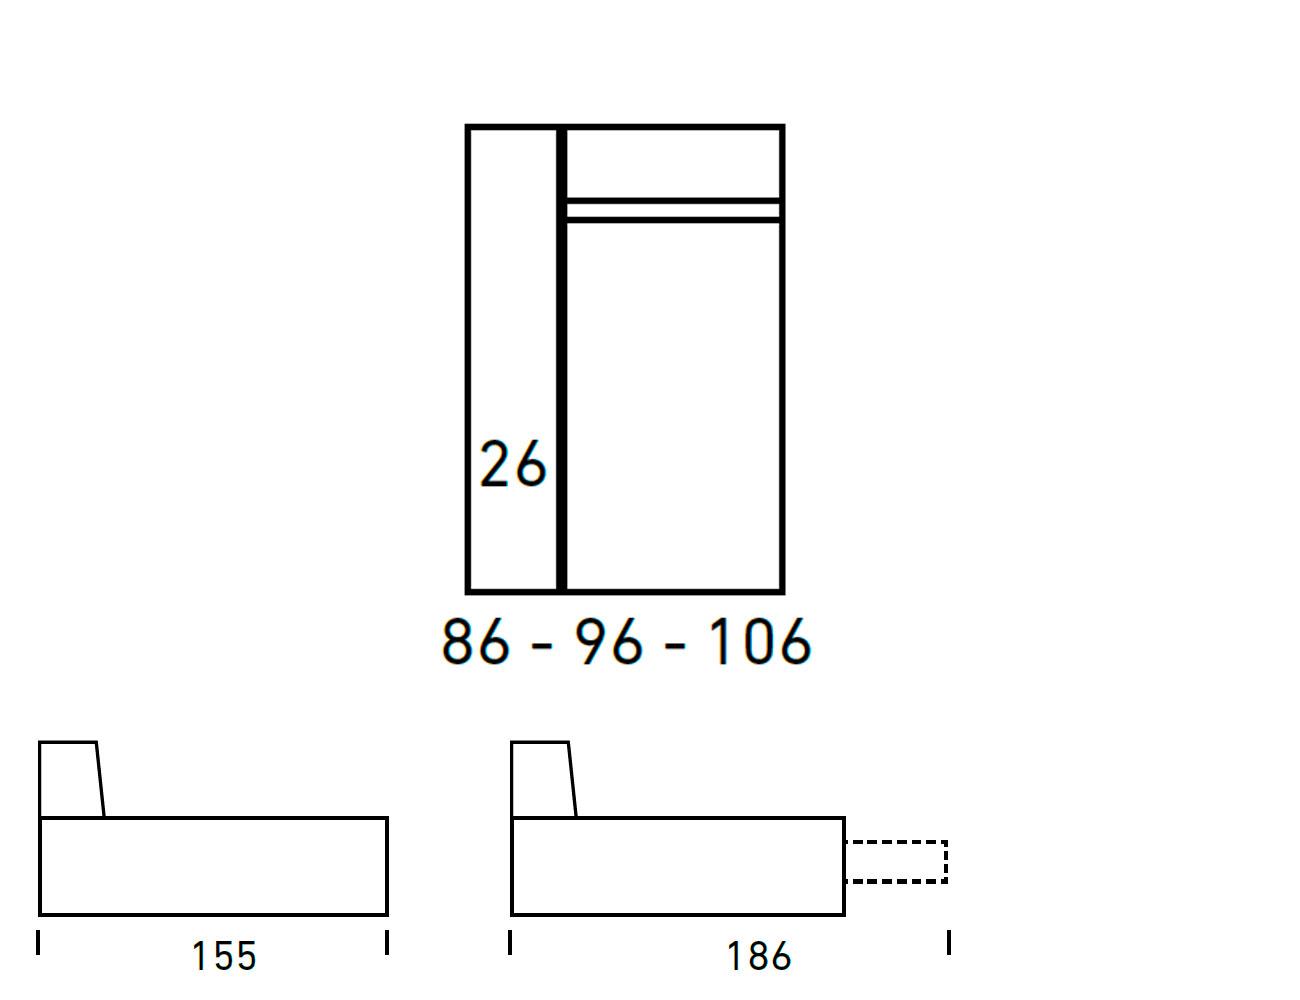 Croquis modulos chaiselongue 86 96 10626